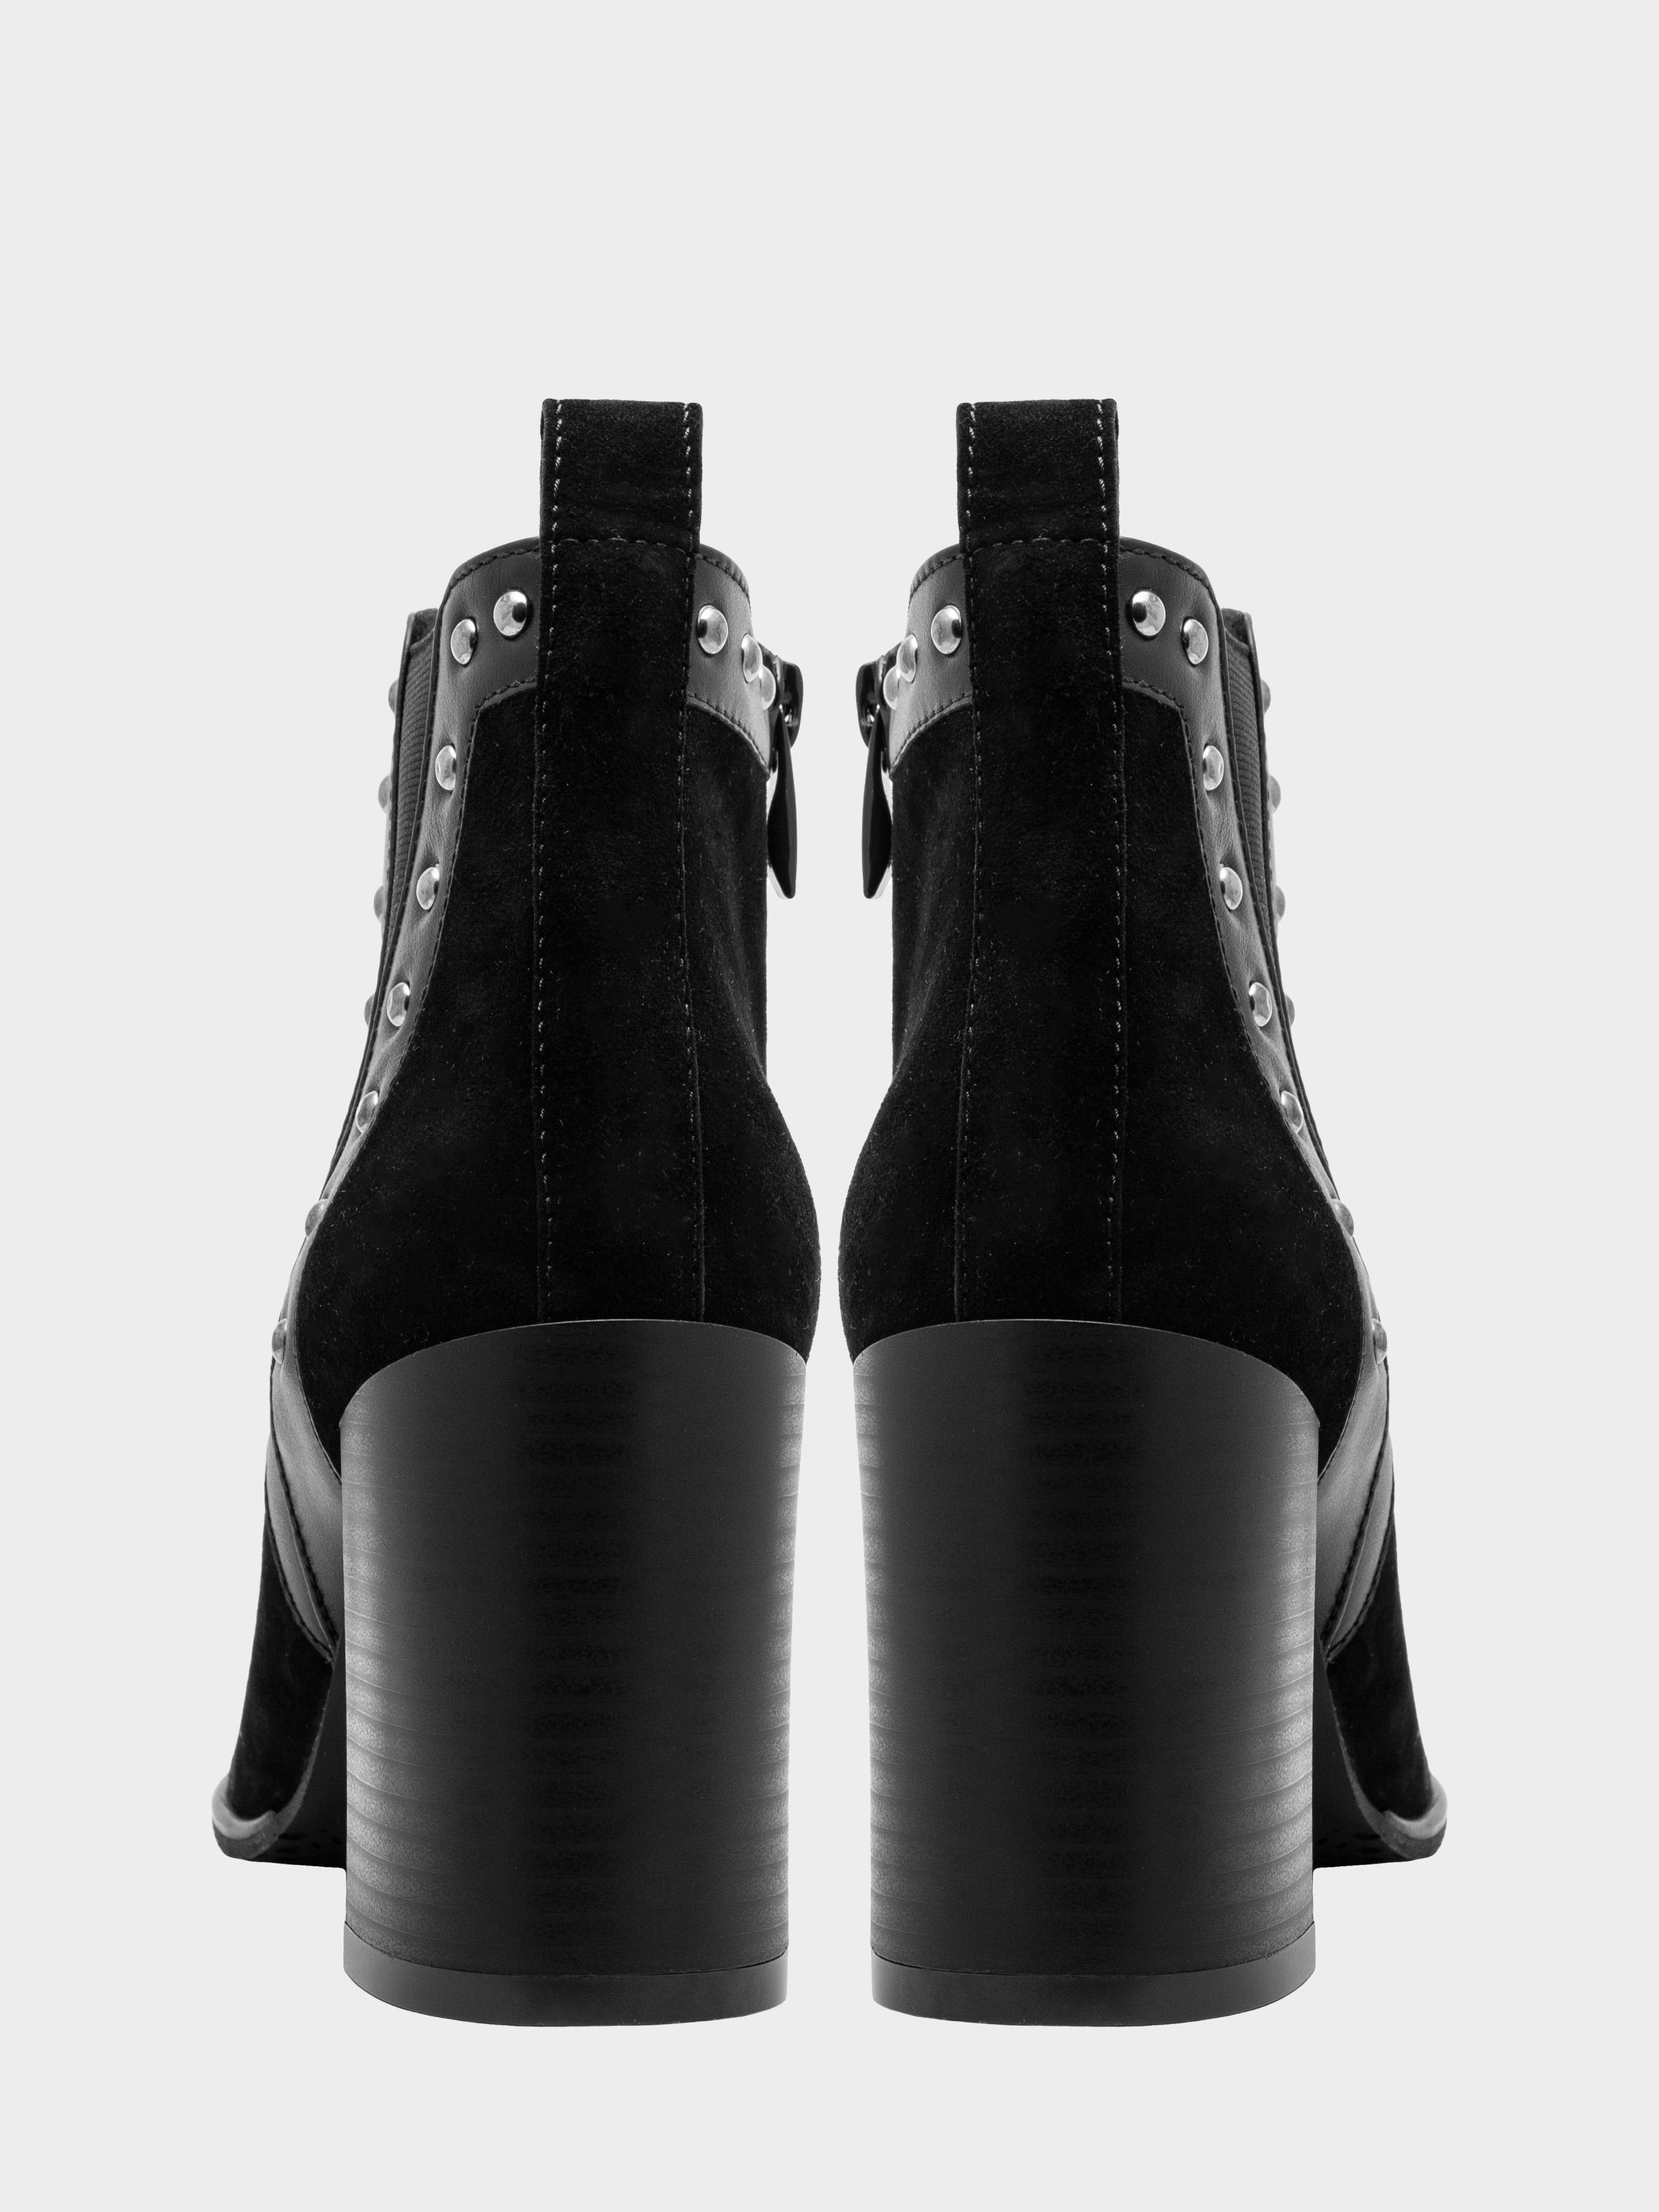 Ботинки для женщин Ботинки женские ENZO VERRATTI 18-9588-2w купить в Интертоп, 2017